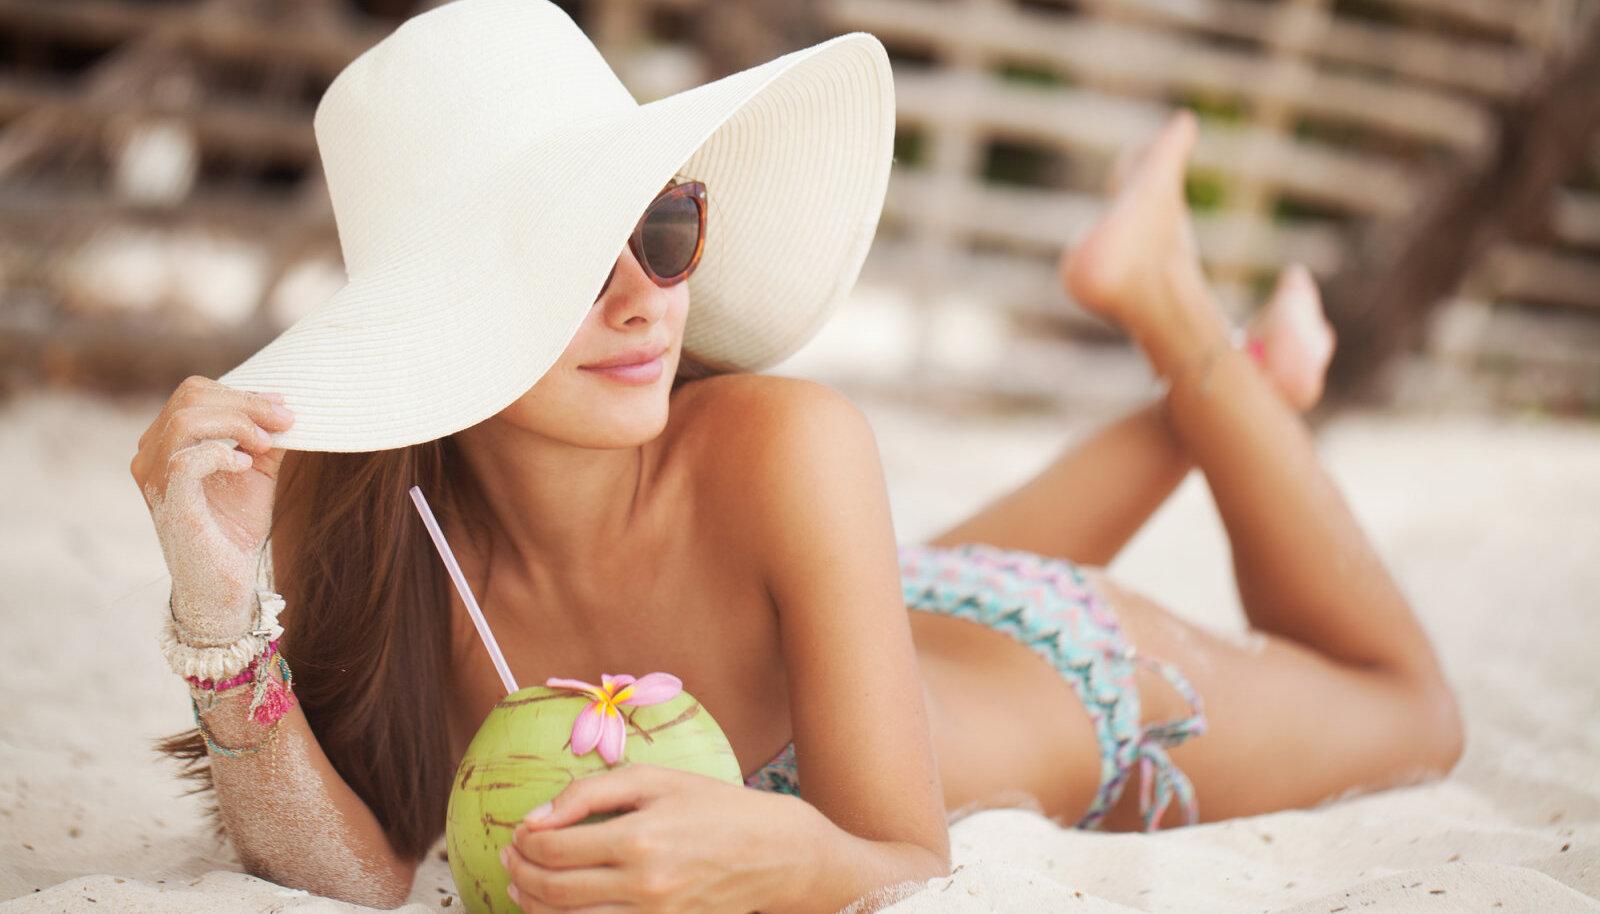 Ravimid võivad suurendada naha tundlikkust